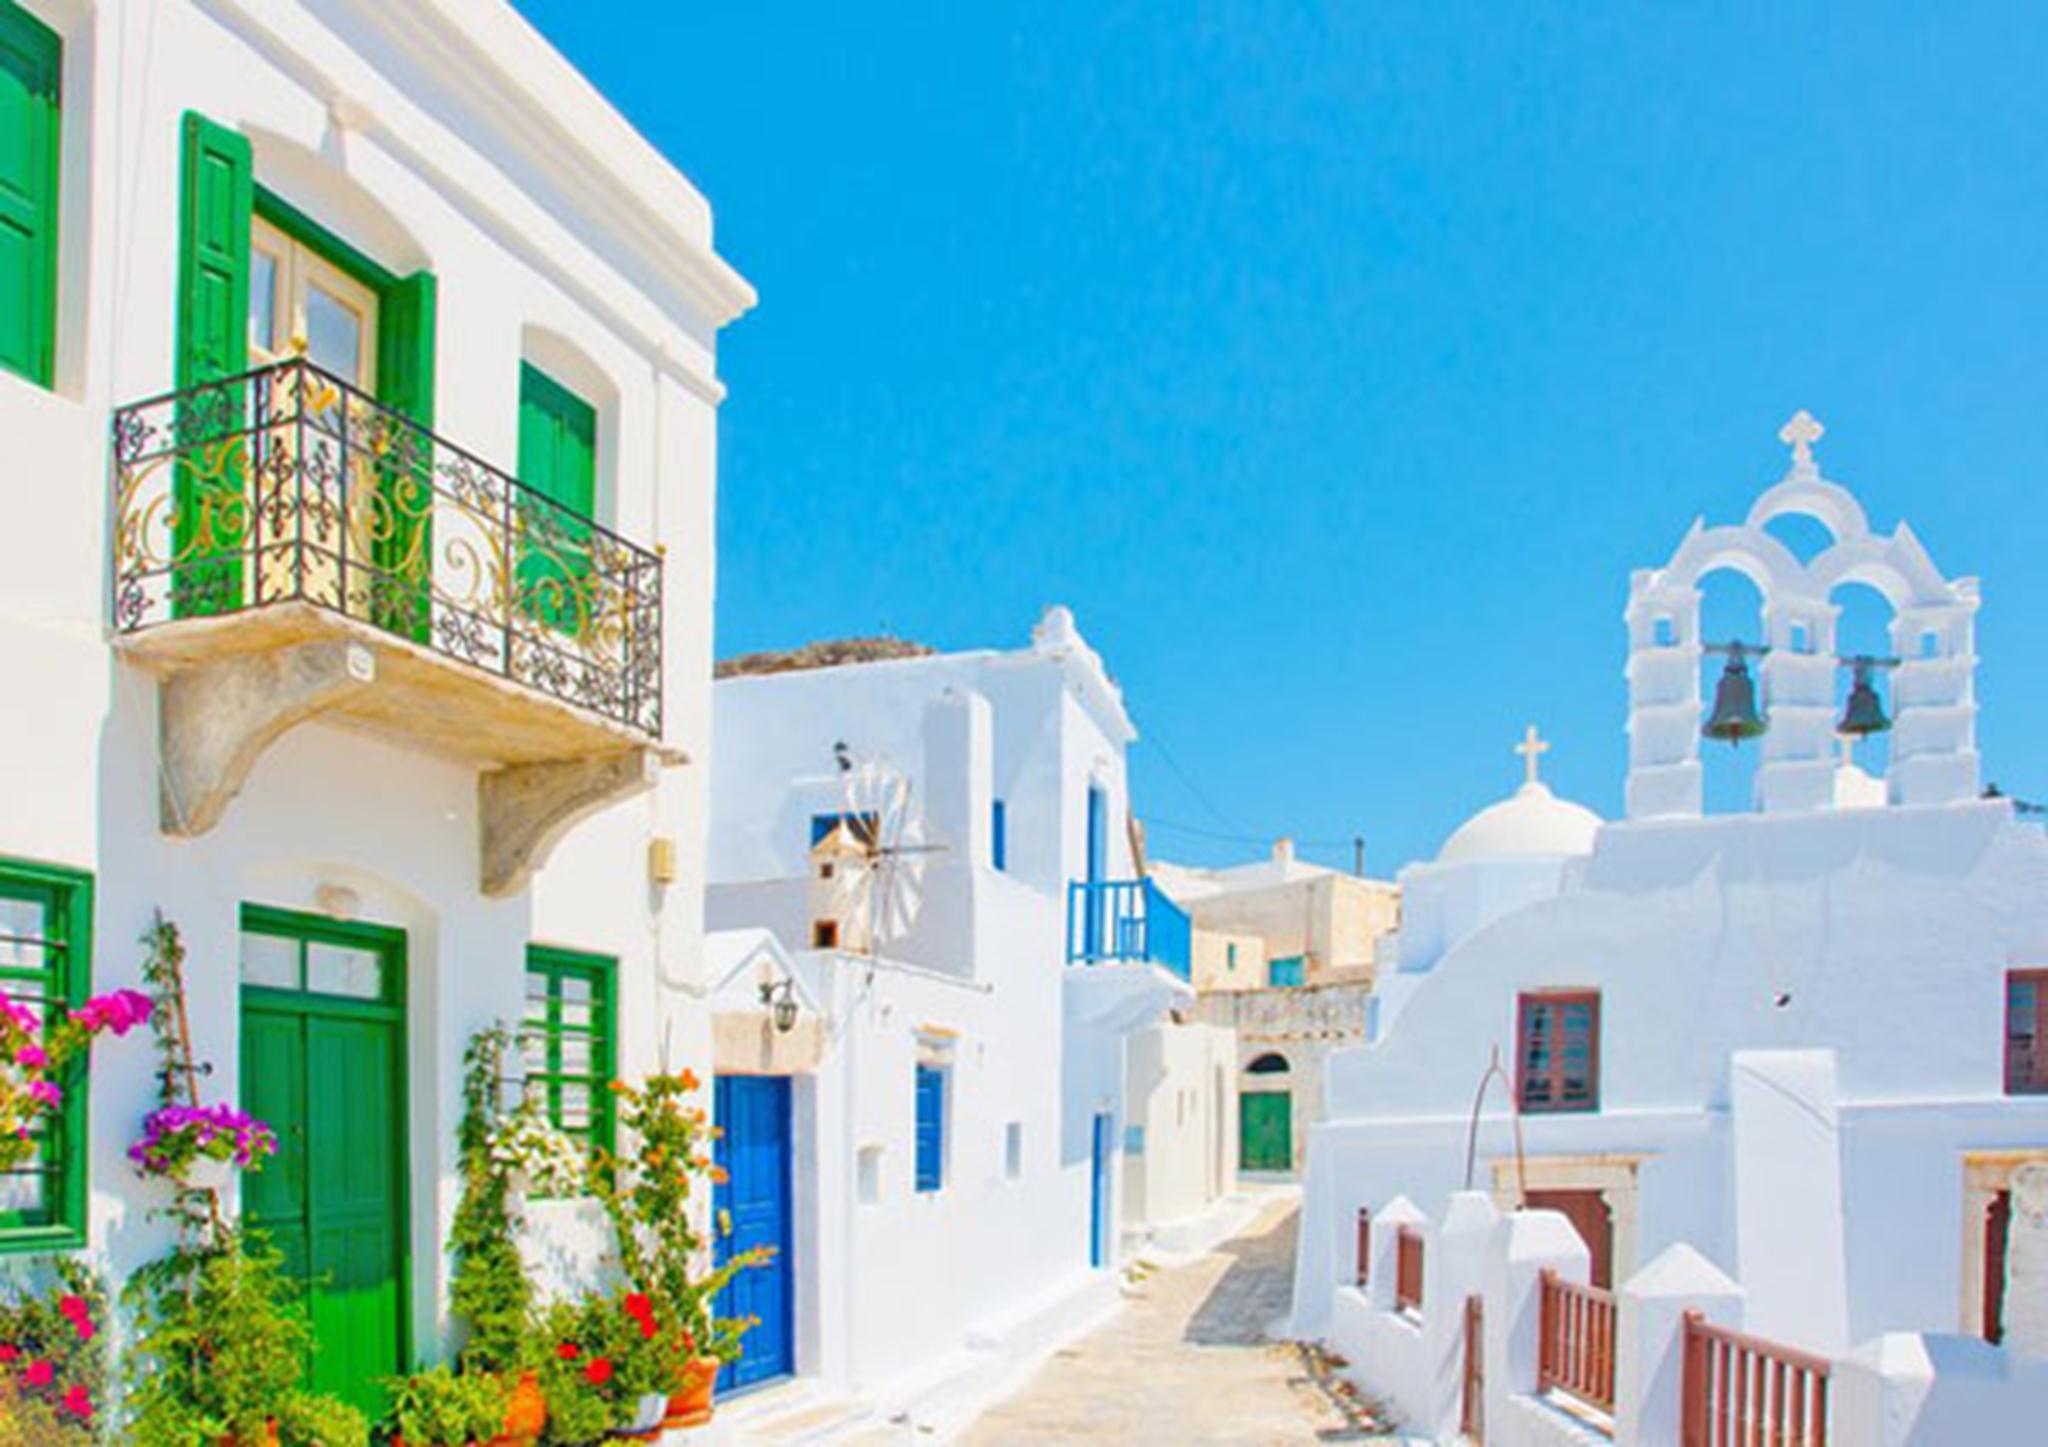 Một số màu sắc cơ bản như cam, đỏ, tím, vàng, xanh lá trên cửa sổ và mái hiên tạo chút biến tấu khác biệt của từng ngôi nhà.